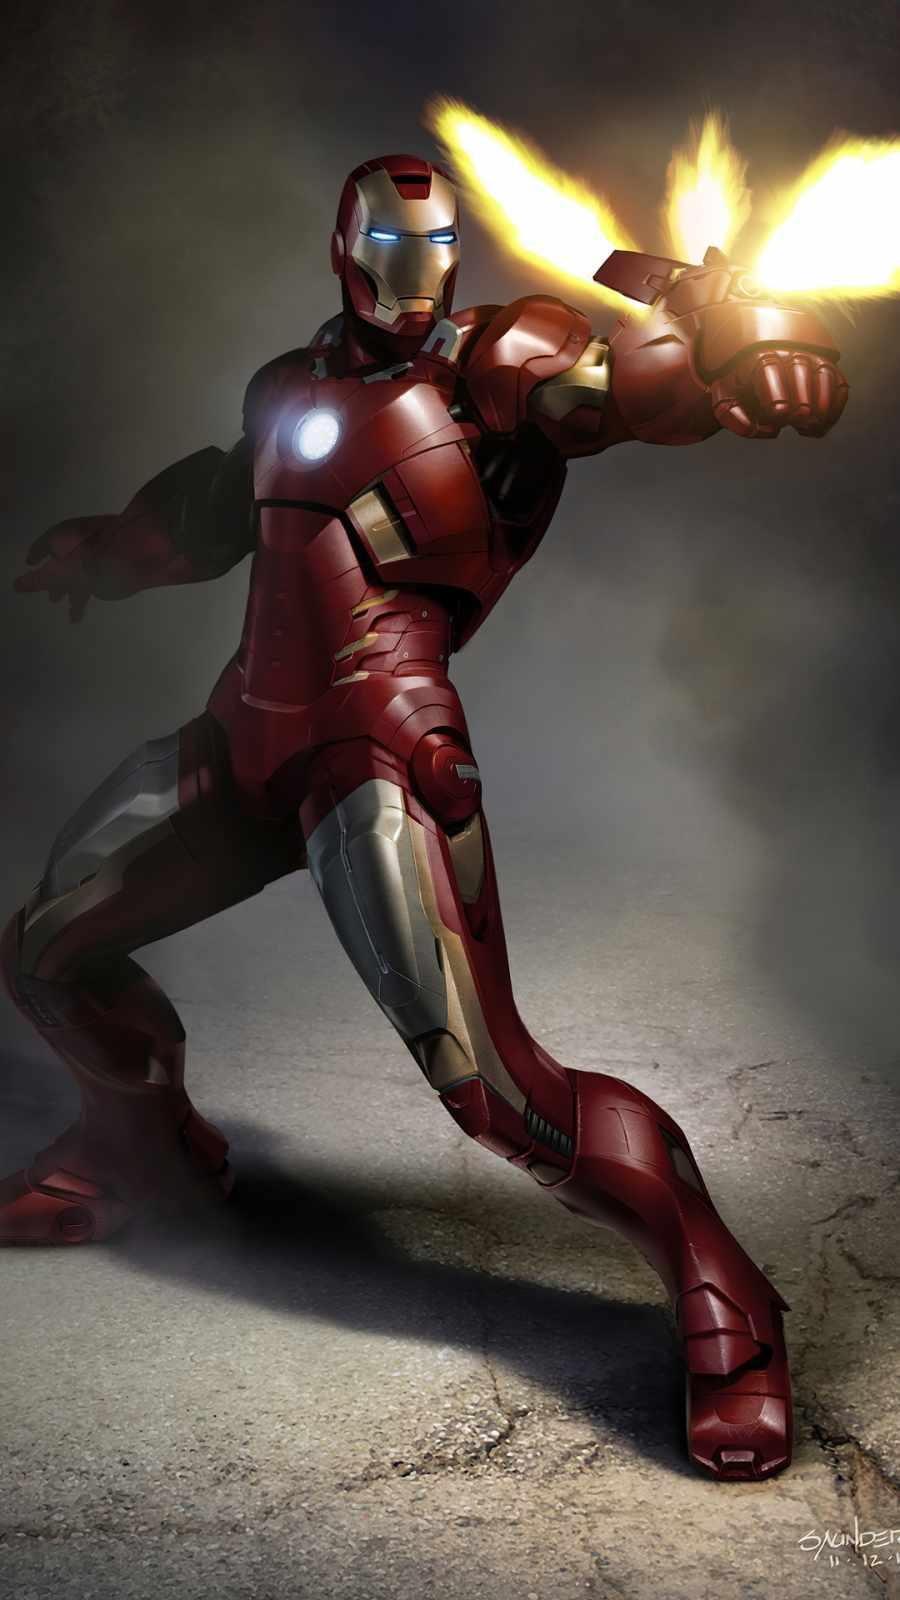 Iron Man Gun Fire